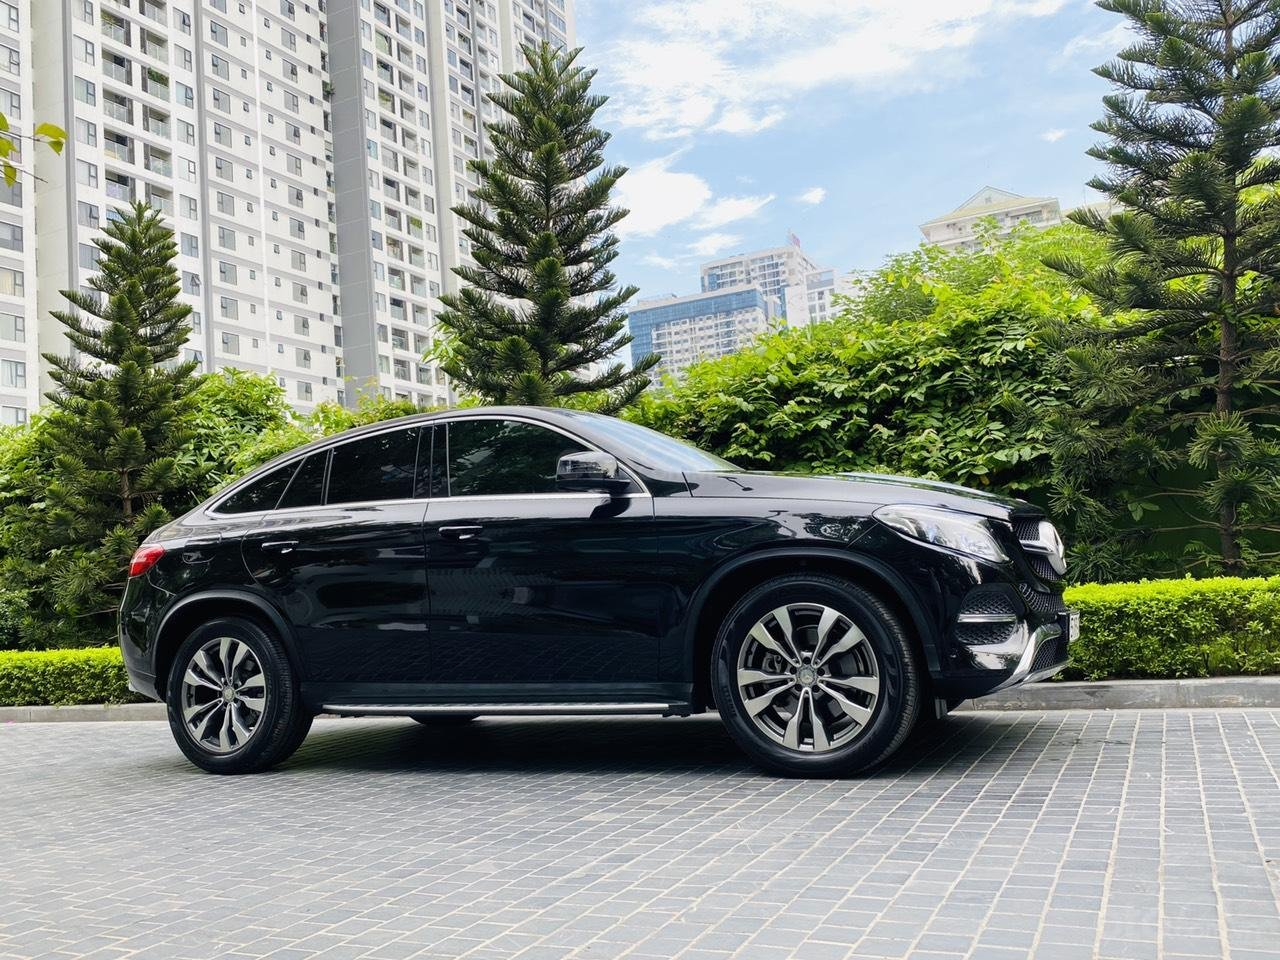 Bán ô tô Mercedes GLE Couple sản xuất 2016 nhập khẩu (5)